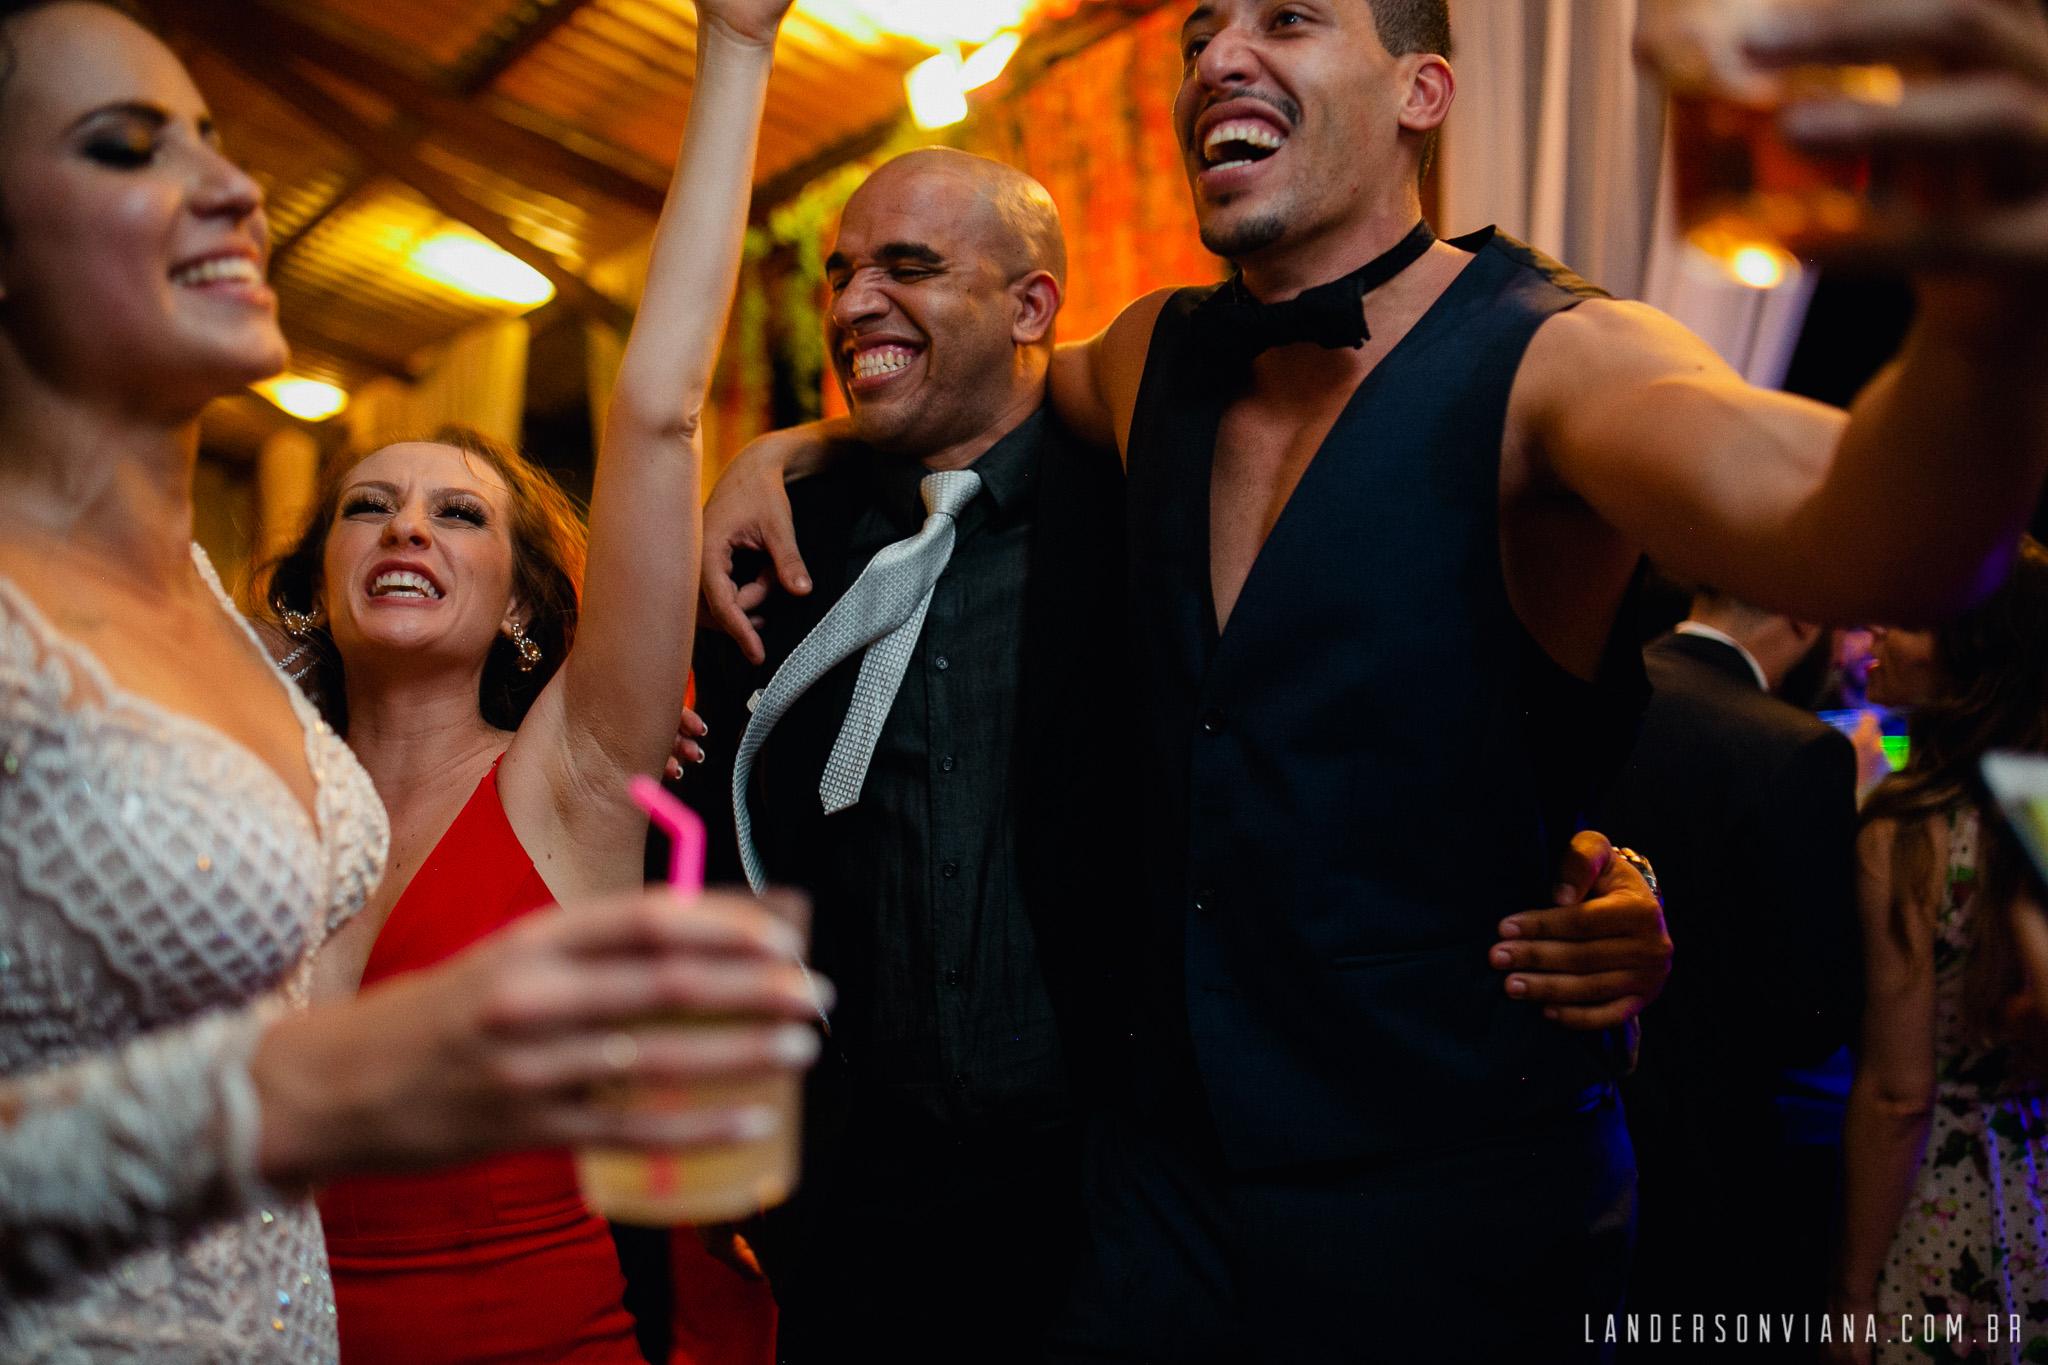 casamento_ar_livre_festa_jessica_raphael-52.jpg